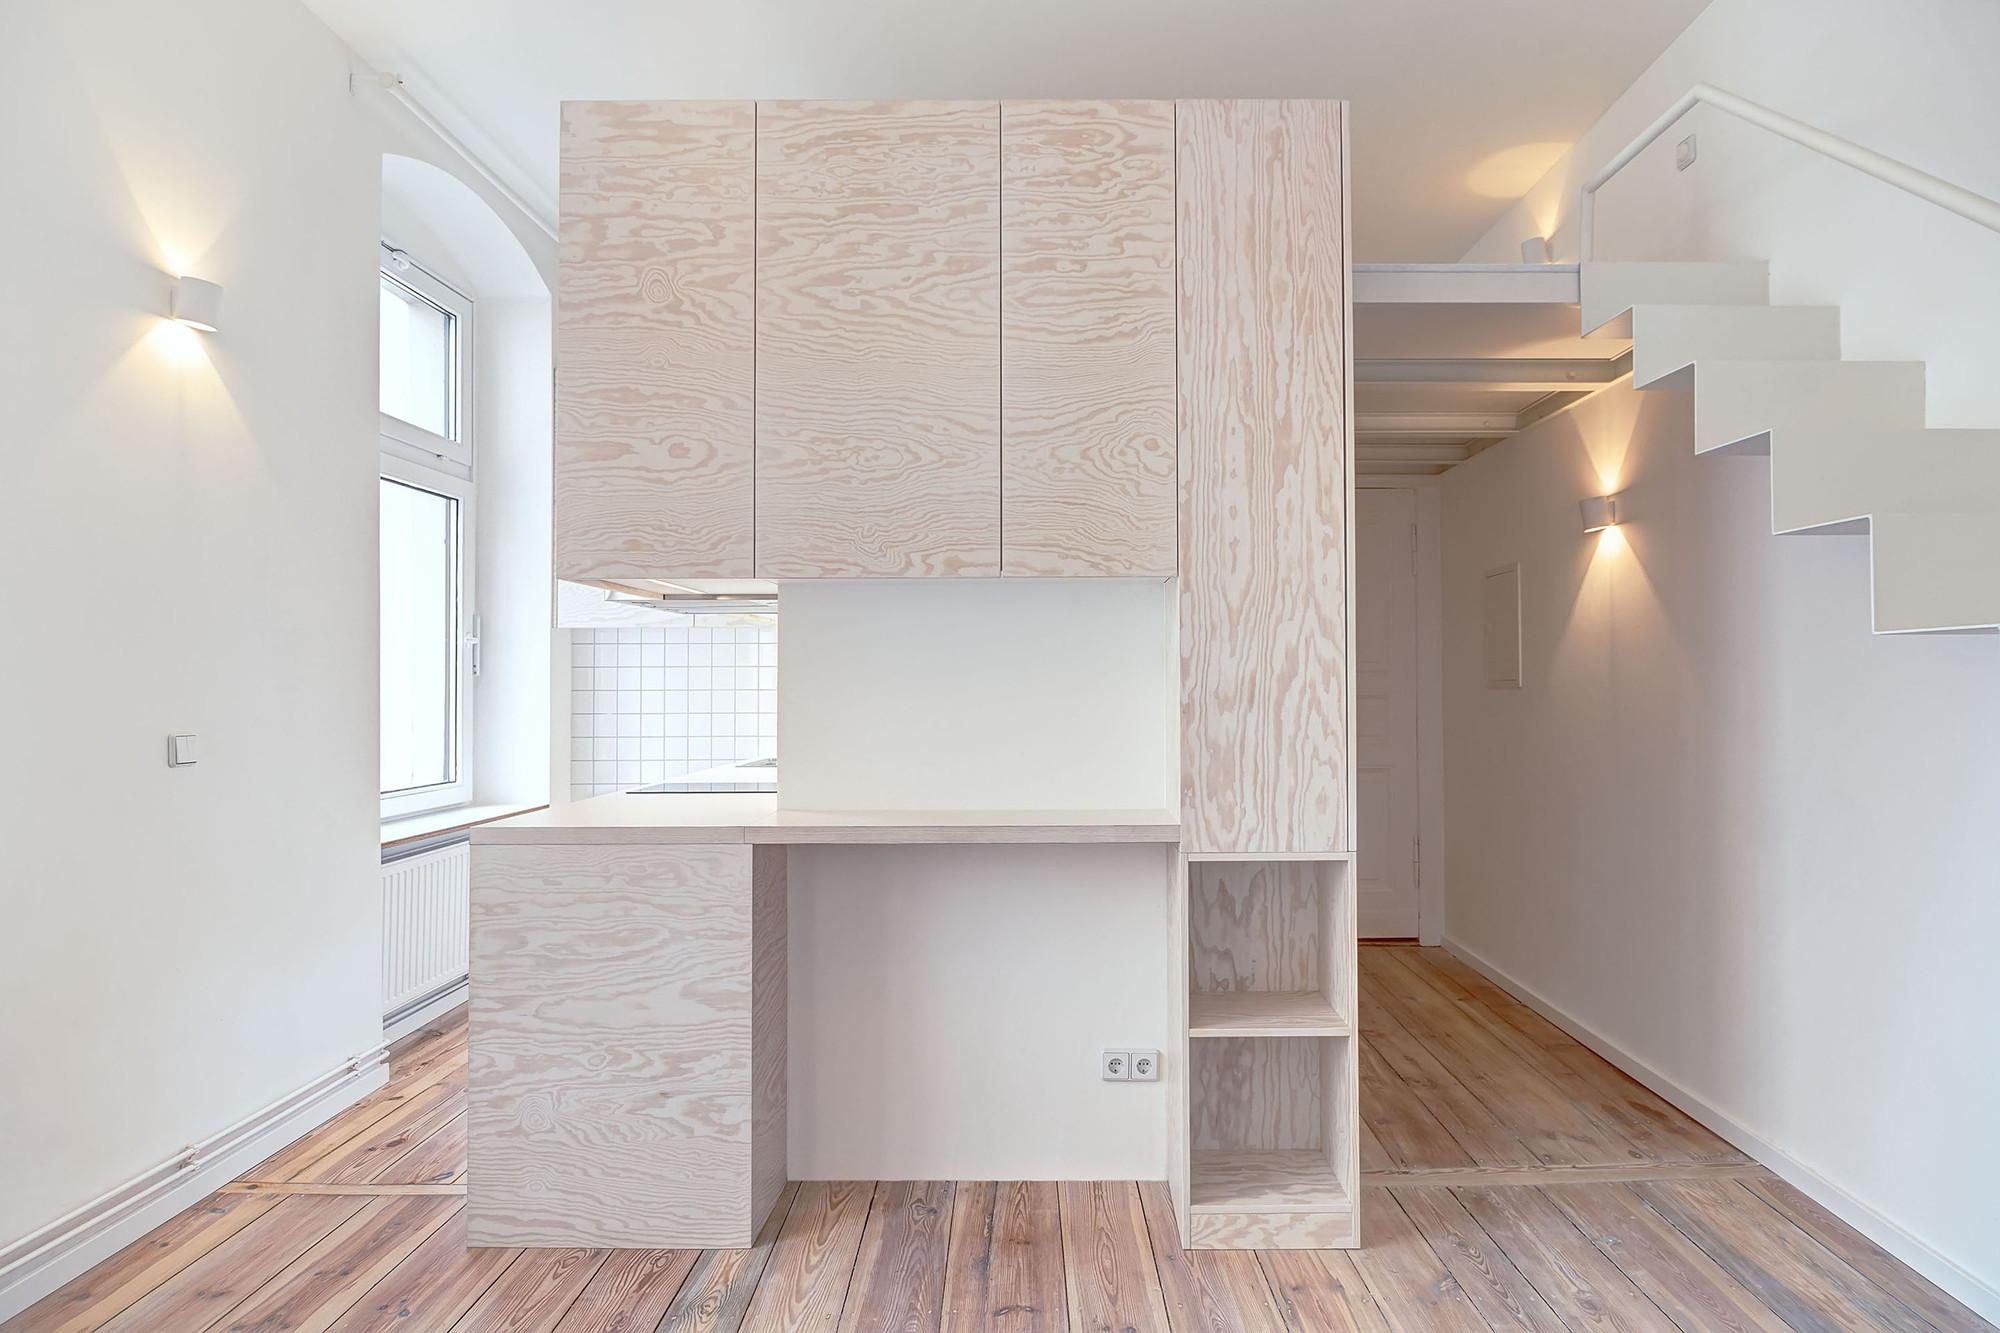 Micro-apartment in Berlin / spamroom + johnpaulcoss, © Ringo Paulusch